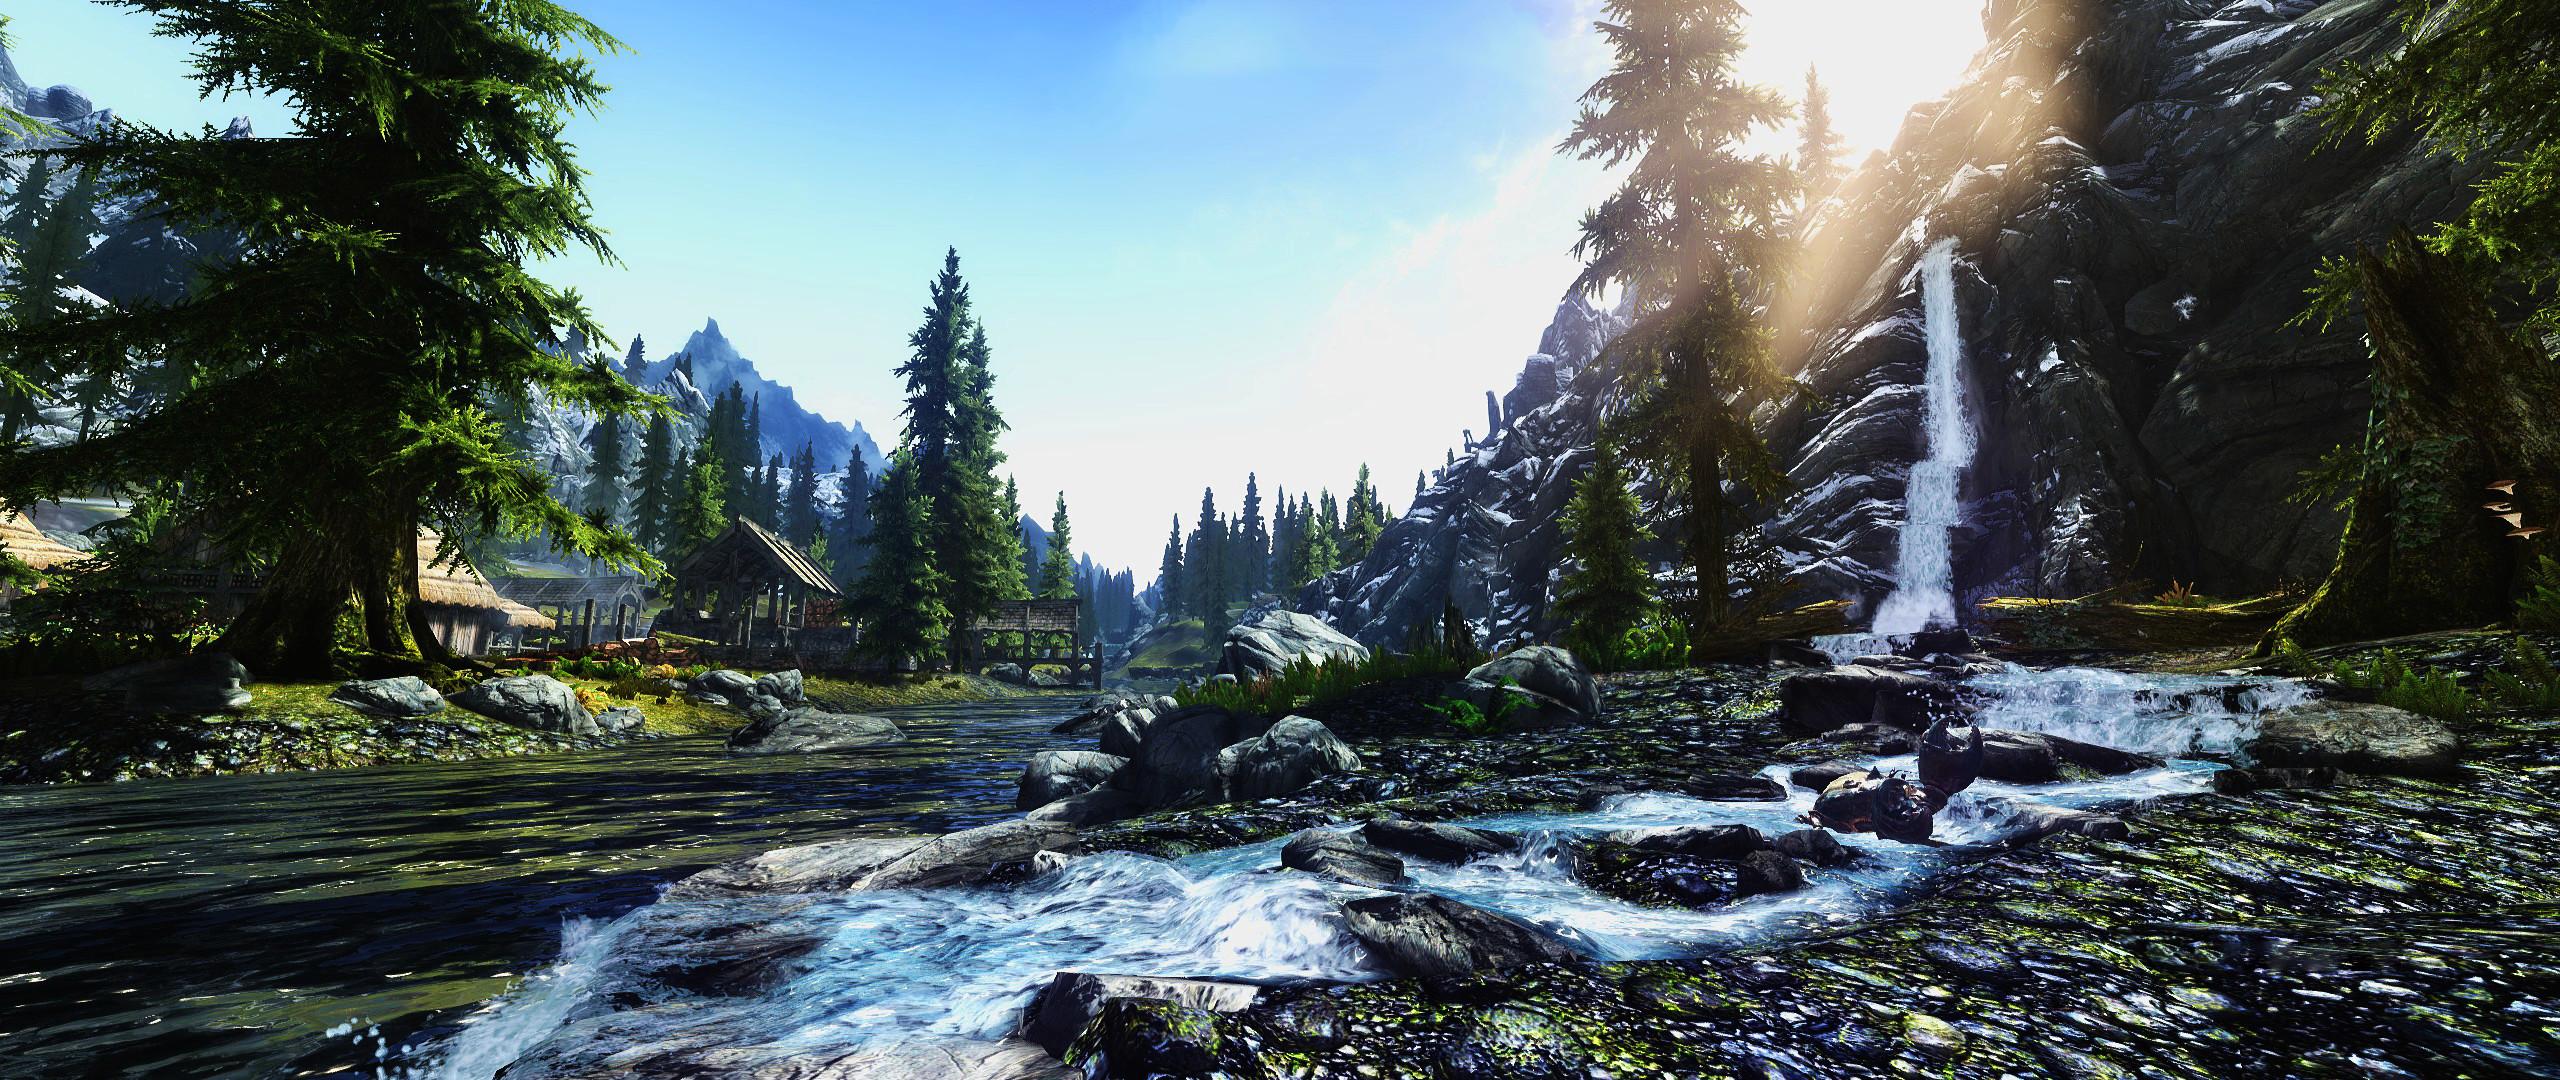 Res: 2560x1080, Computerspiele - The Elder Scrolls V: Skyrim Gebirge Pine Tree Skyrim  Wasser Fluss Wasserfall Wallpaper